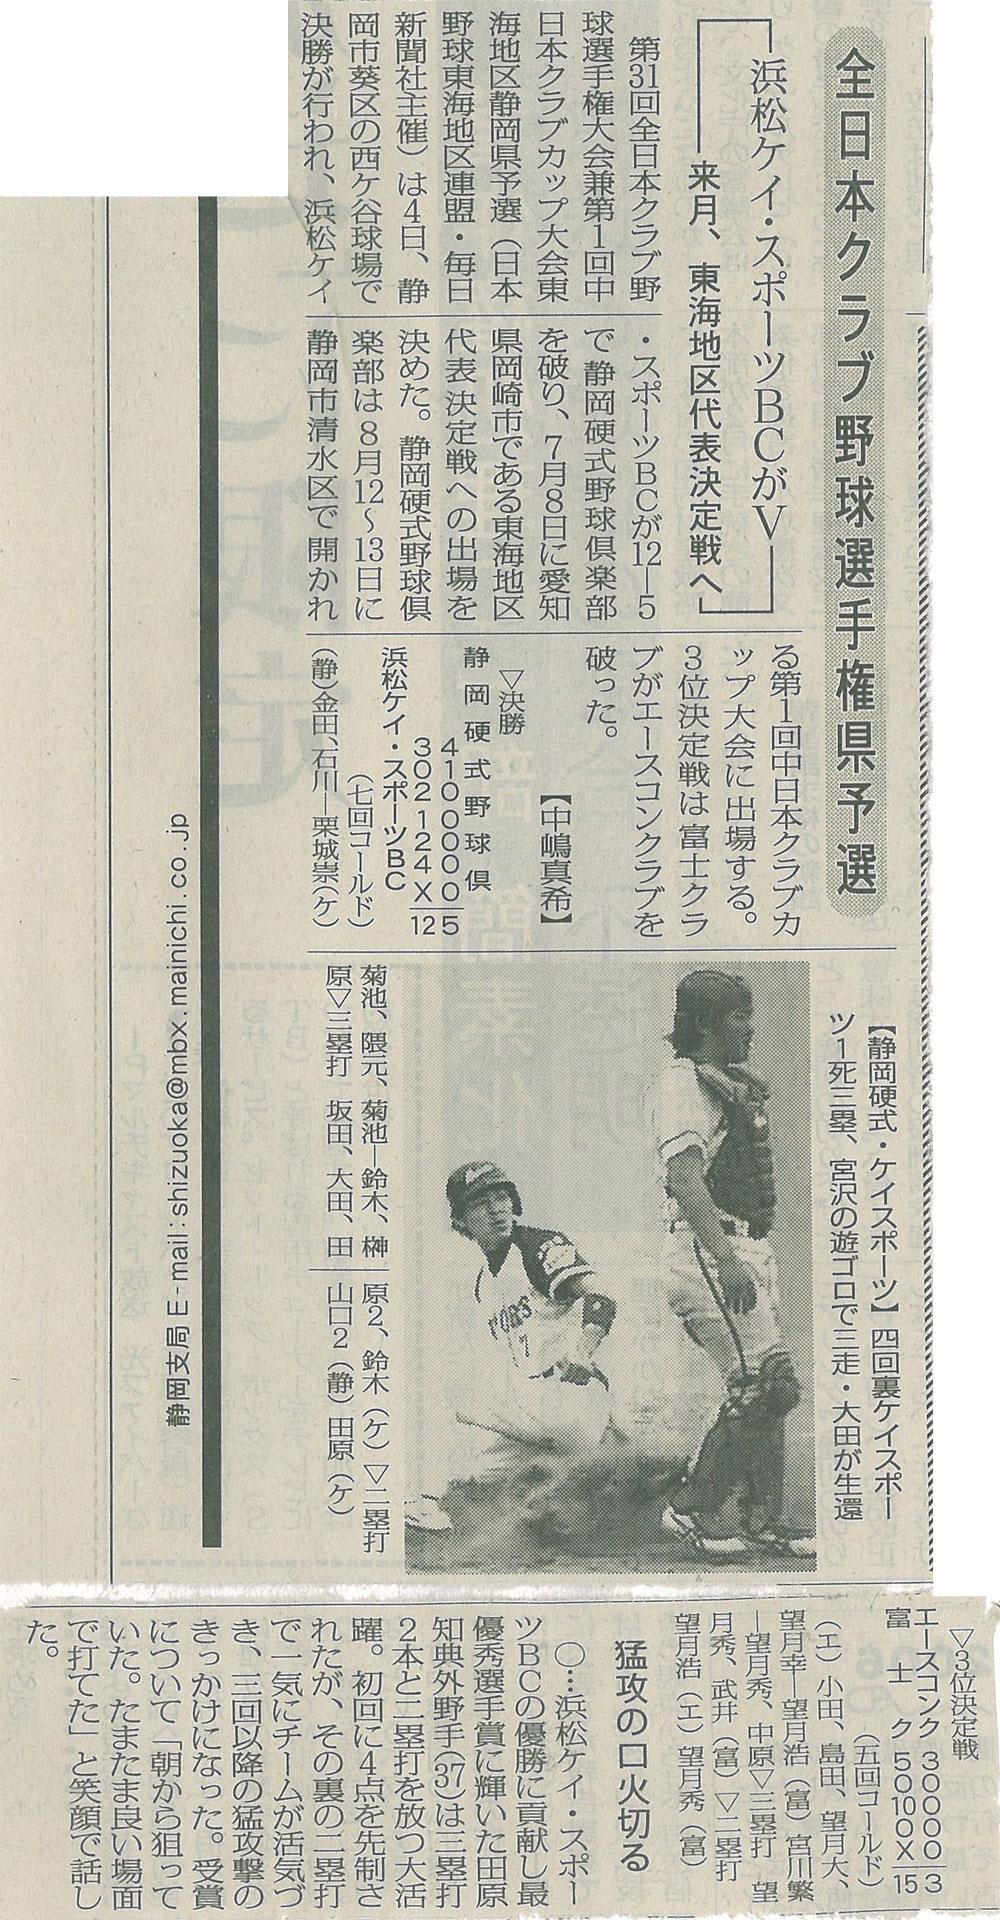 全日本クラブ野球兼中日本クラブカップ県予選